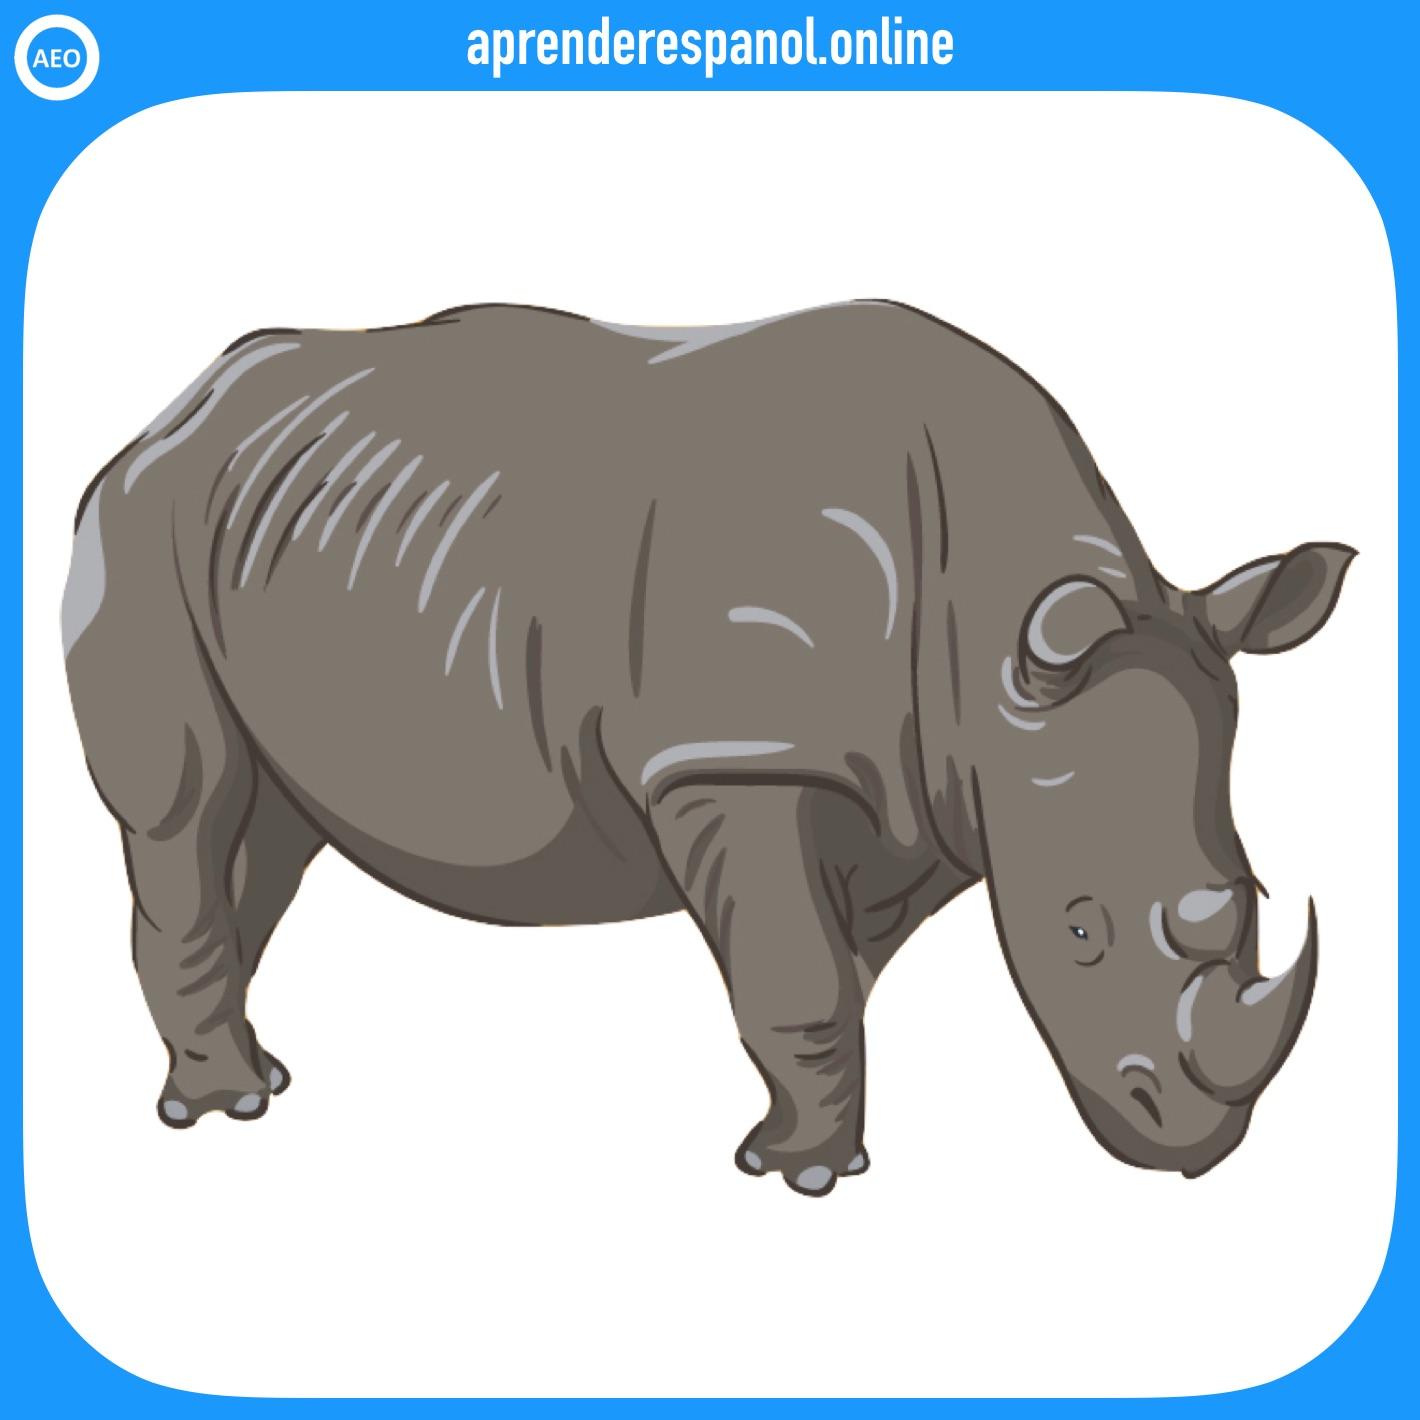 rinoceronte | animales en español | vocabulario de los animales en español